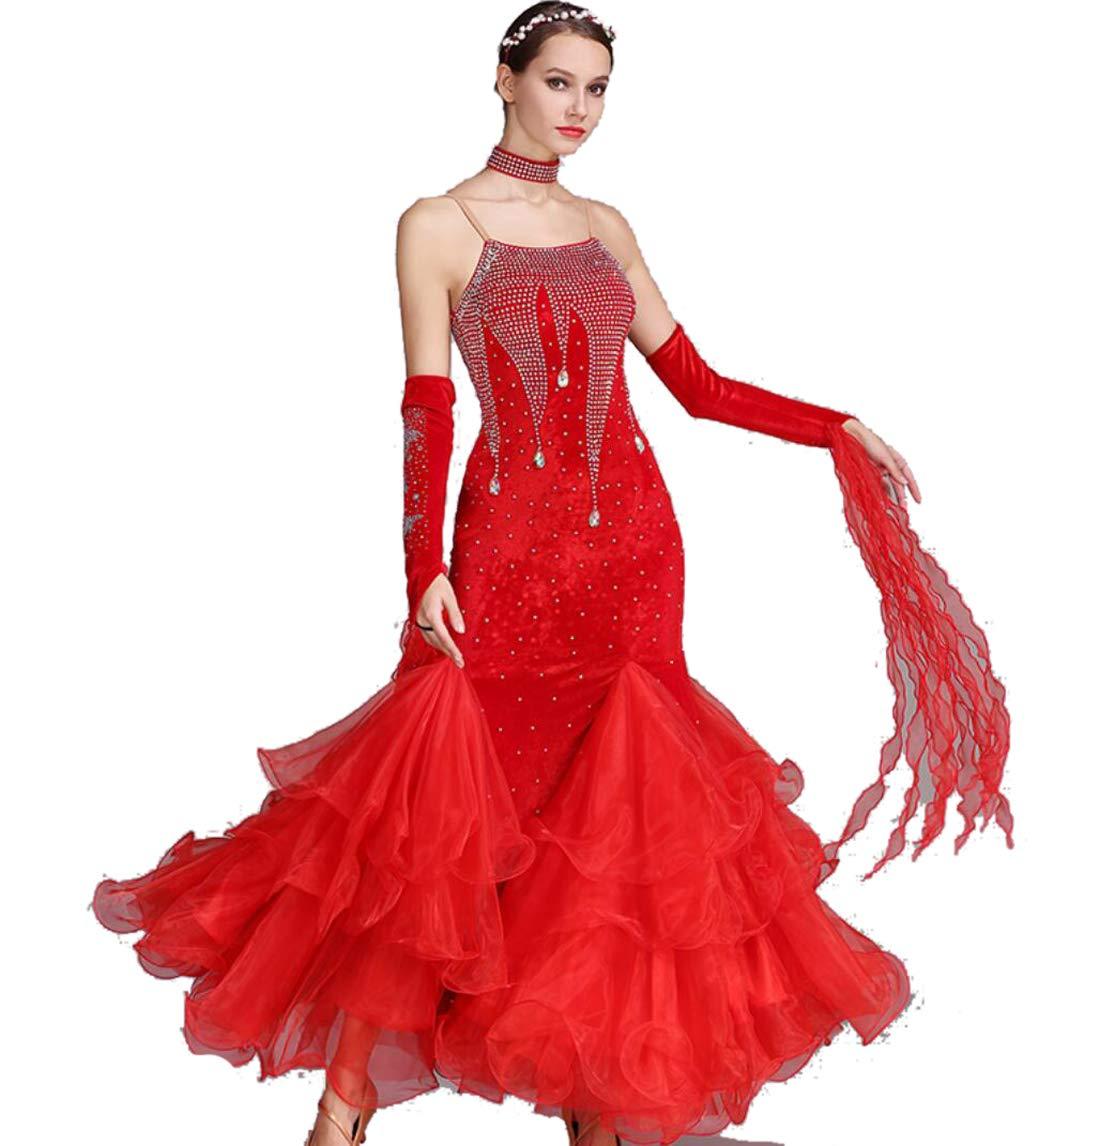 C S ZYLL Robes de Danse de Salon Robe de Danse Moderne pour Les Femmes Norme Nationale Costume de Danse de Salon en Dentelle Couture Tango Valse Exercice Jupe Tulle balançoire